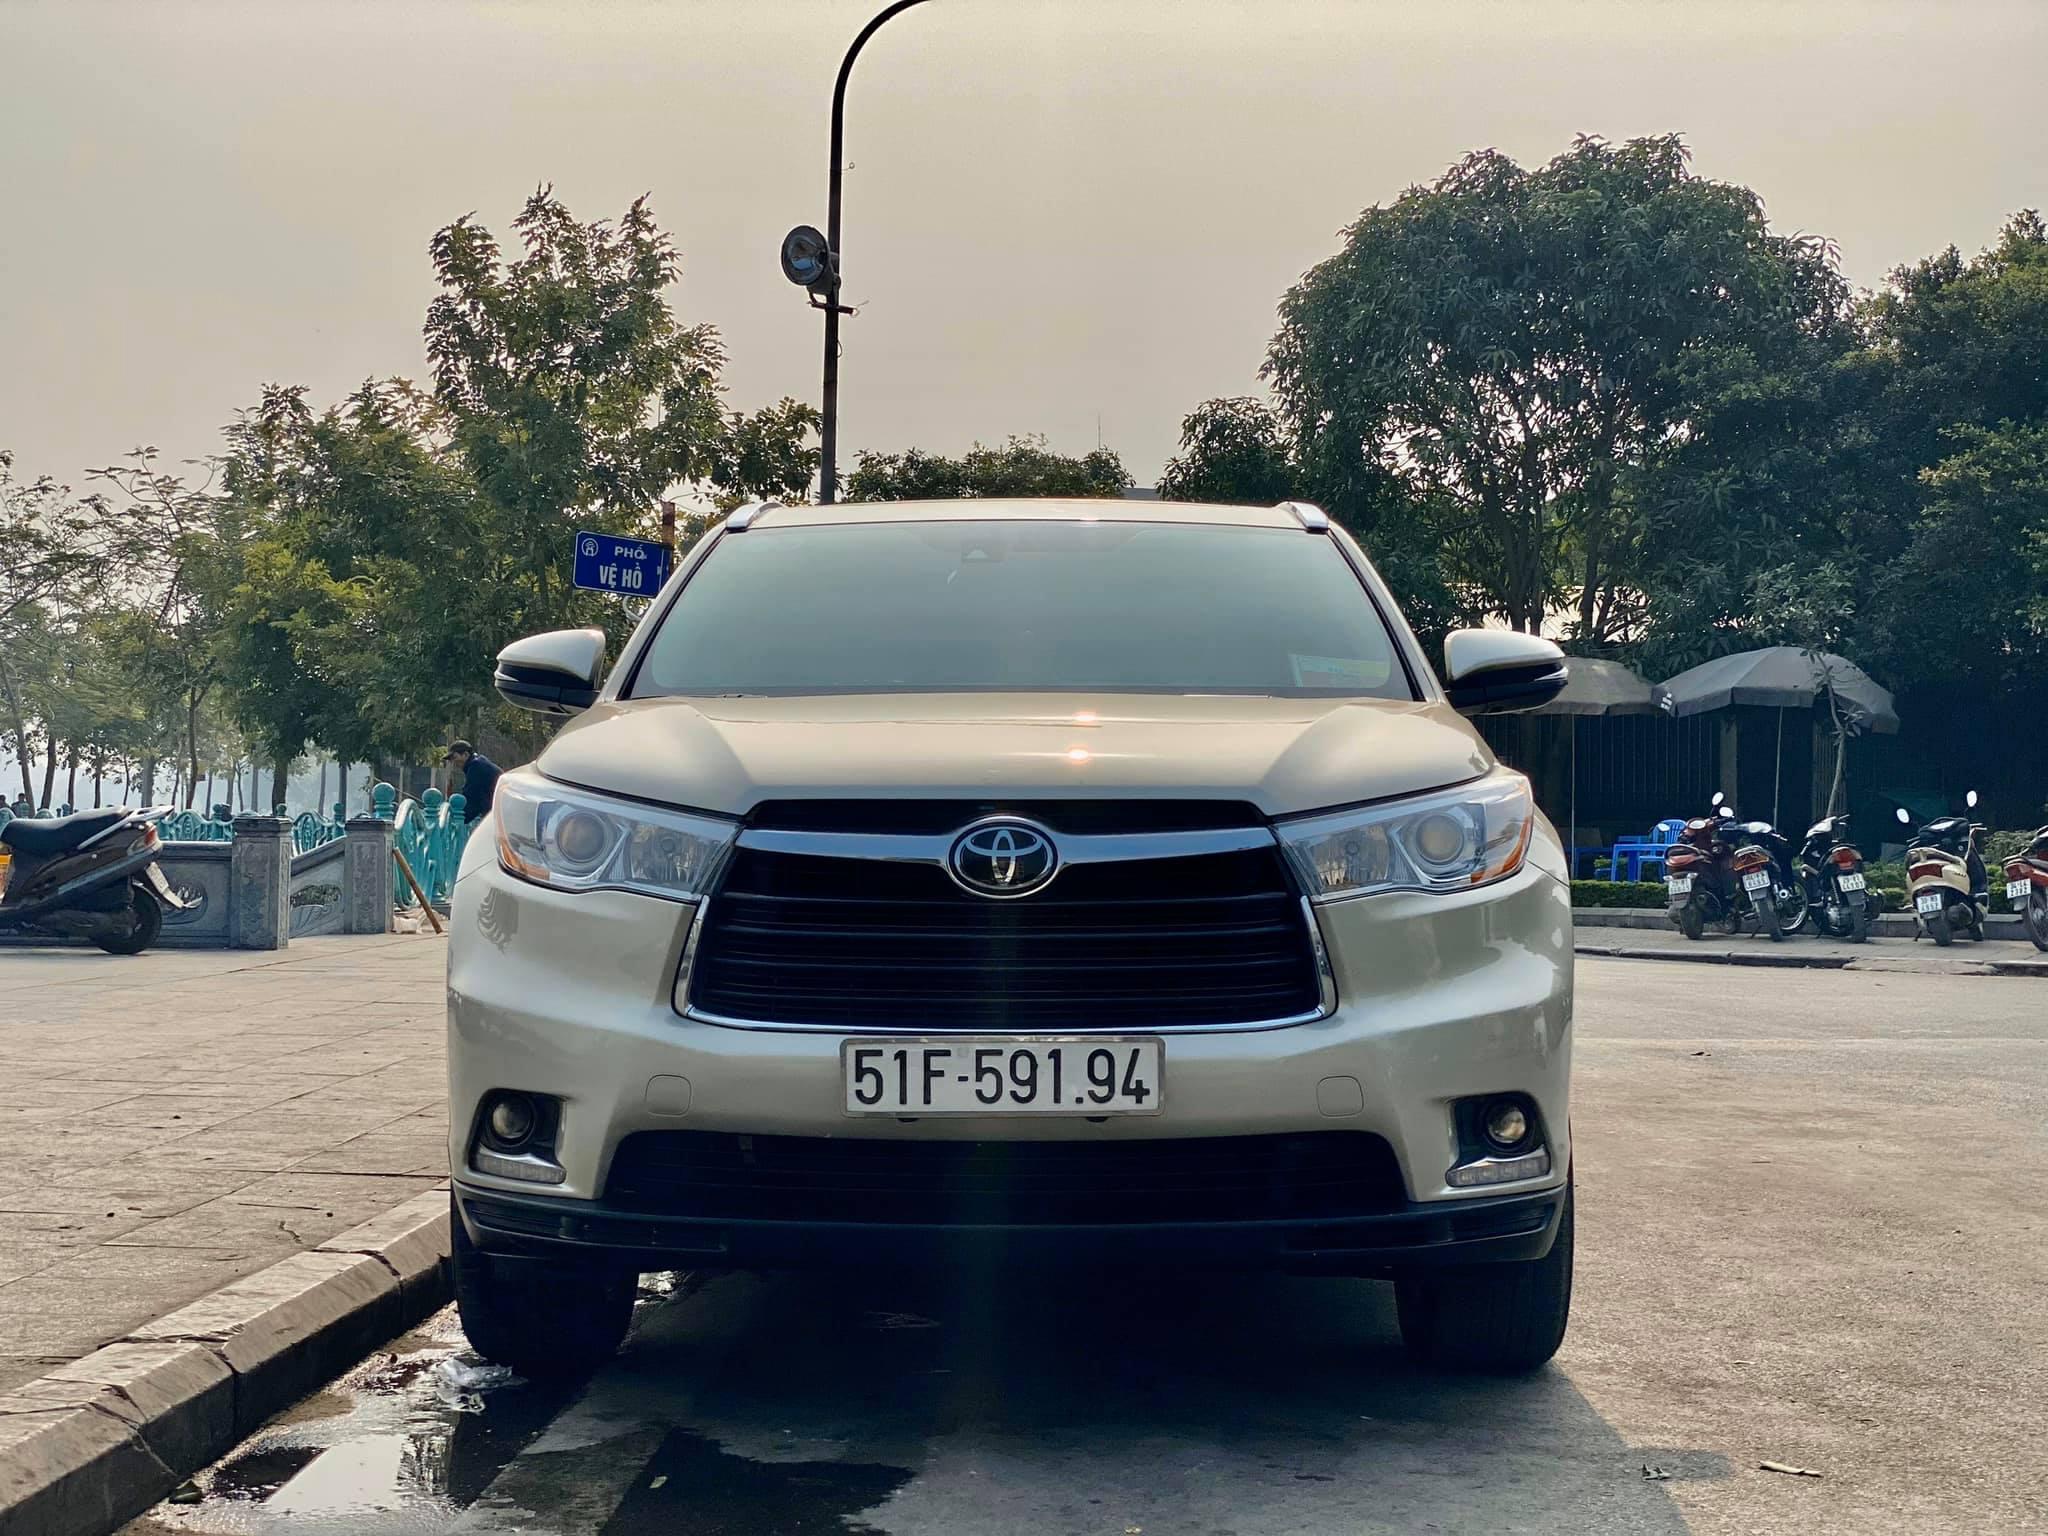 Toyota Highlander Limited 2015, 6 chỗ ngồi hàng hiếm tại Việt Nam - 7